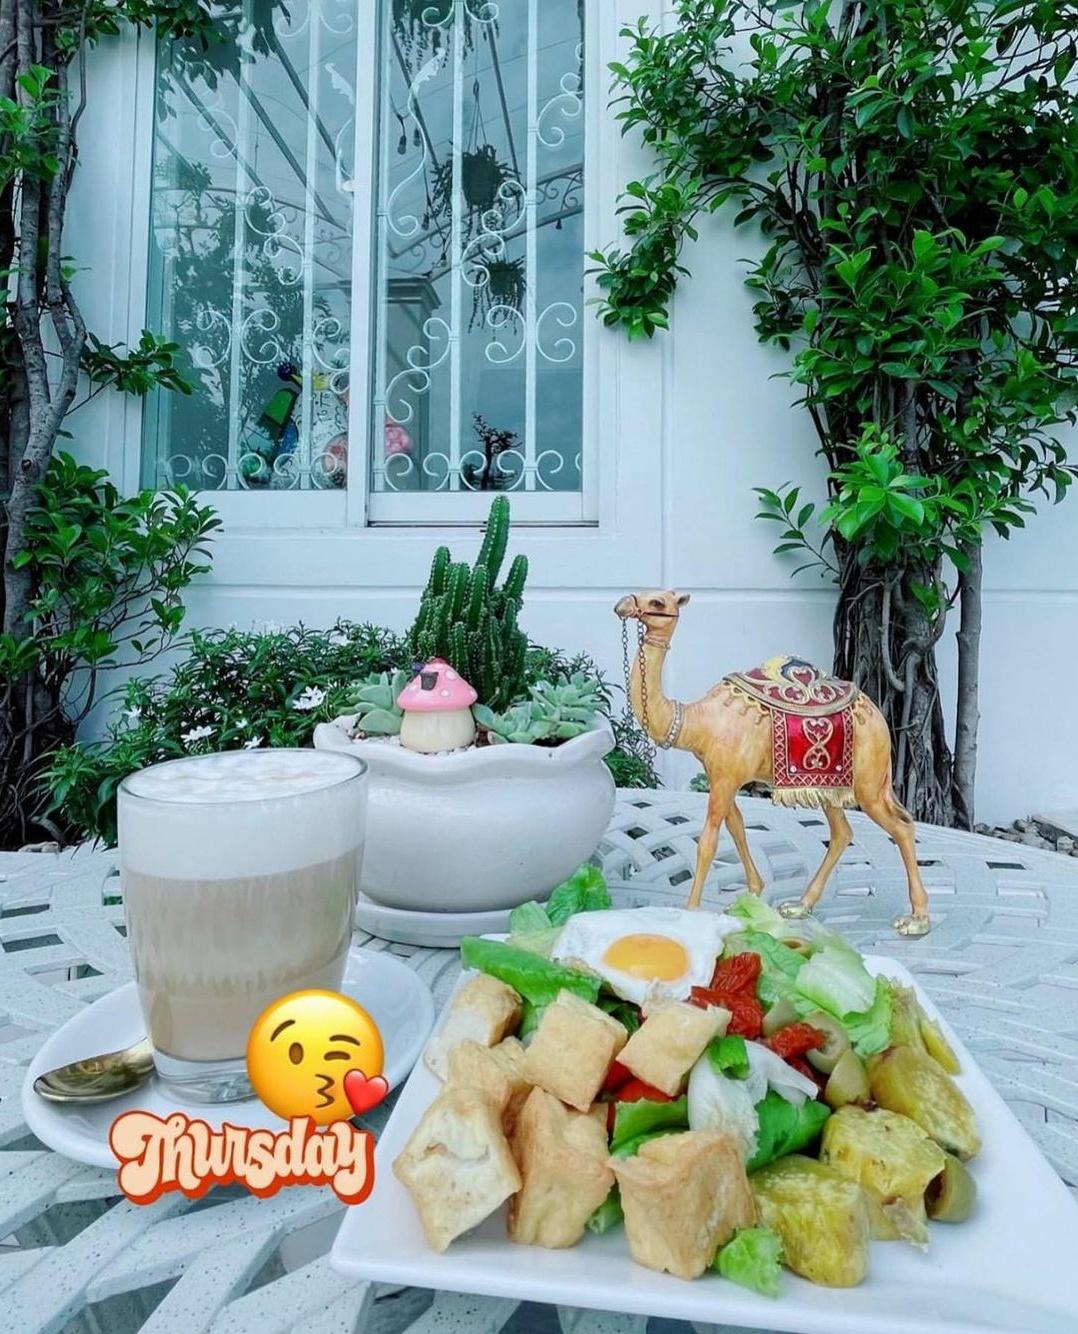 Ngắm ban công nhà Lý Nhã Kỳ mà phát mê: Rộng như sân vườn, đồ đạc tối giản mà lên ảnh đẹp như phim Hàn - Ảnh 5.